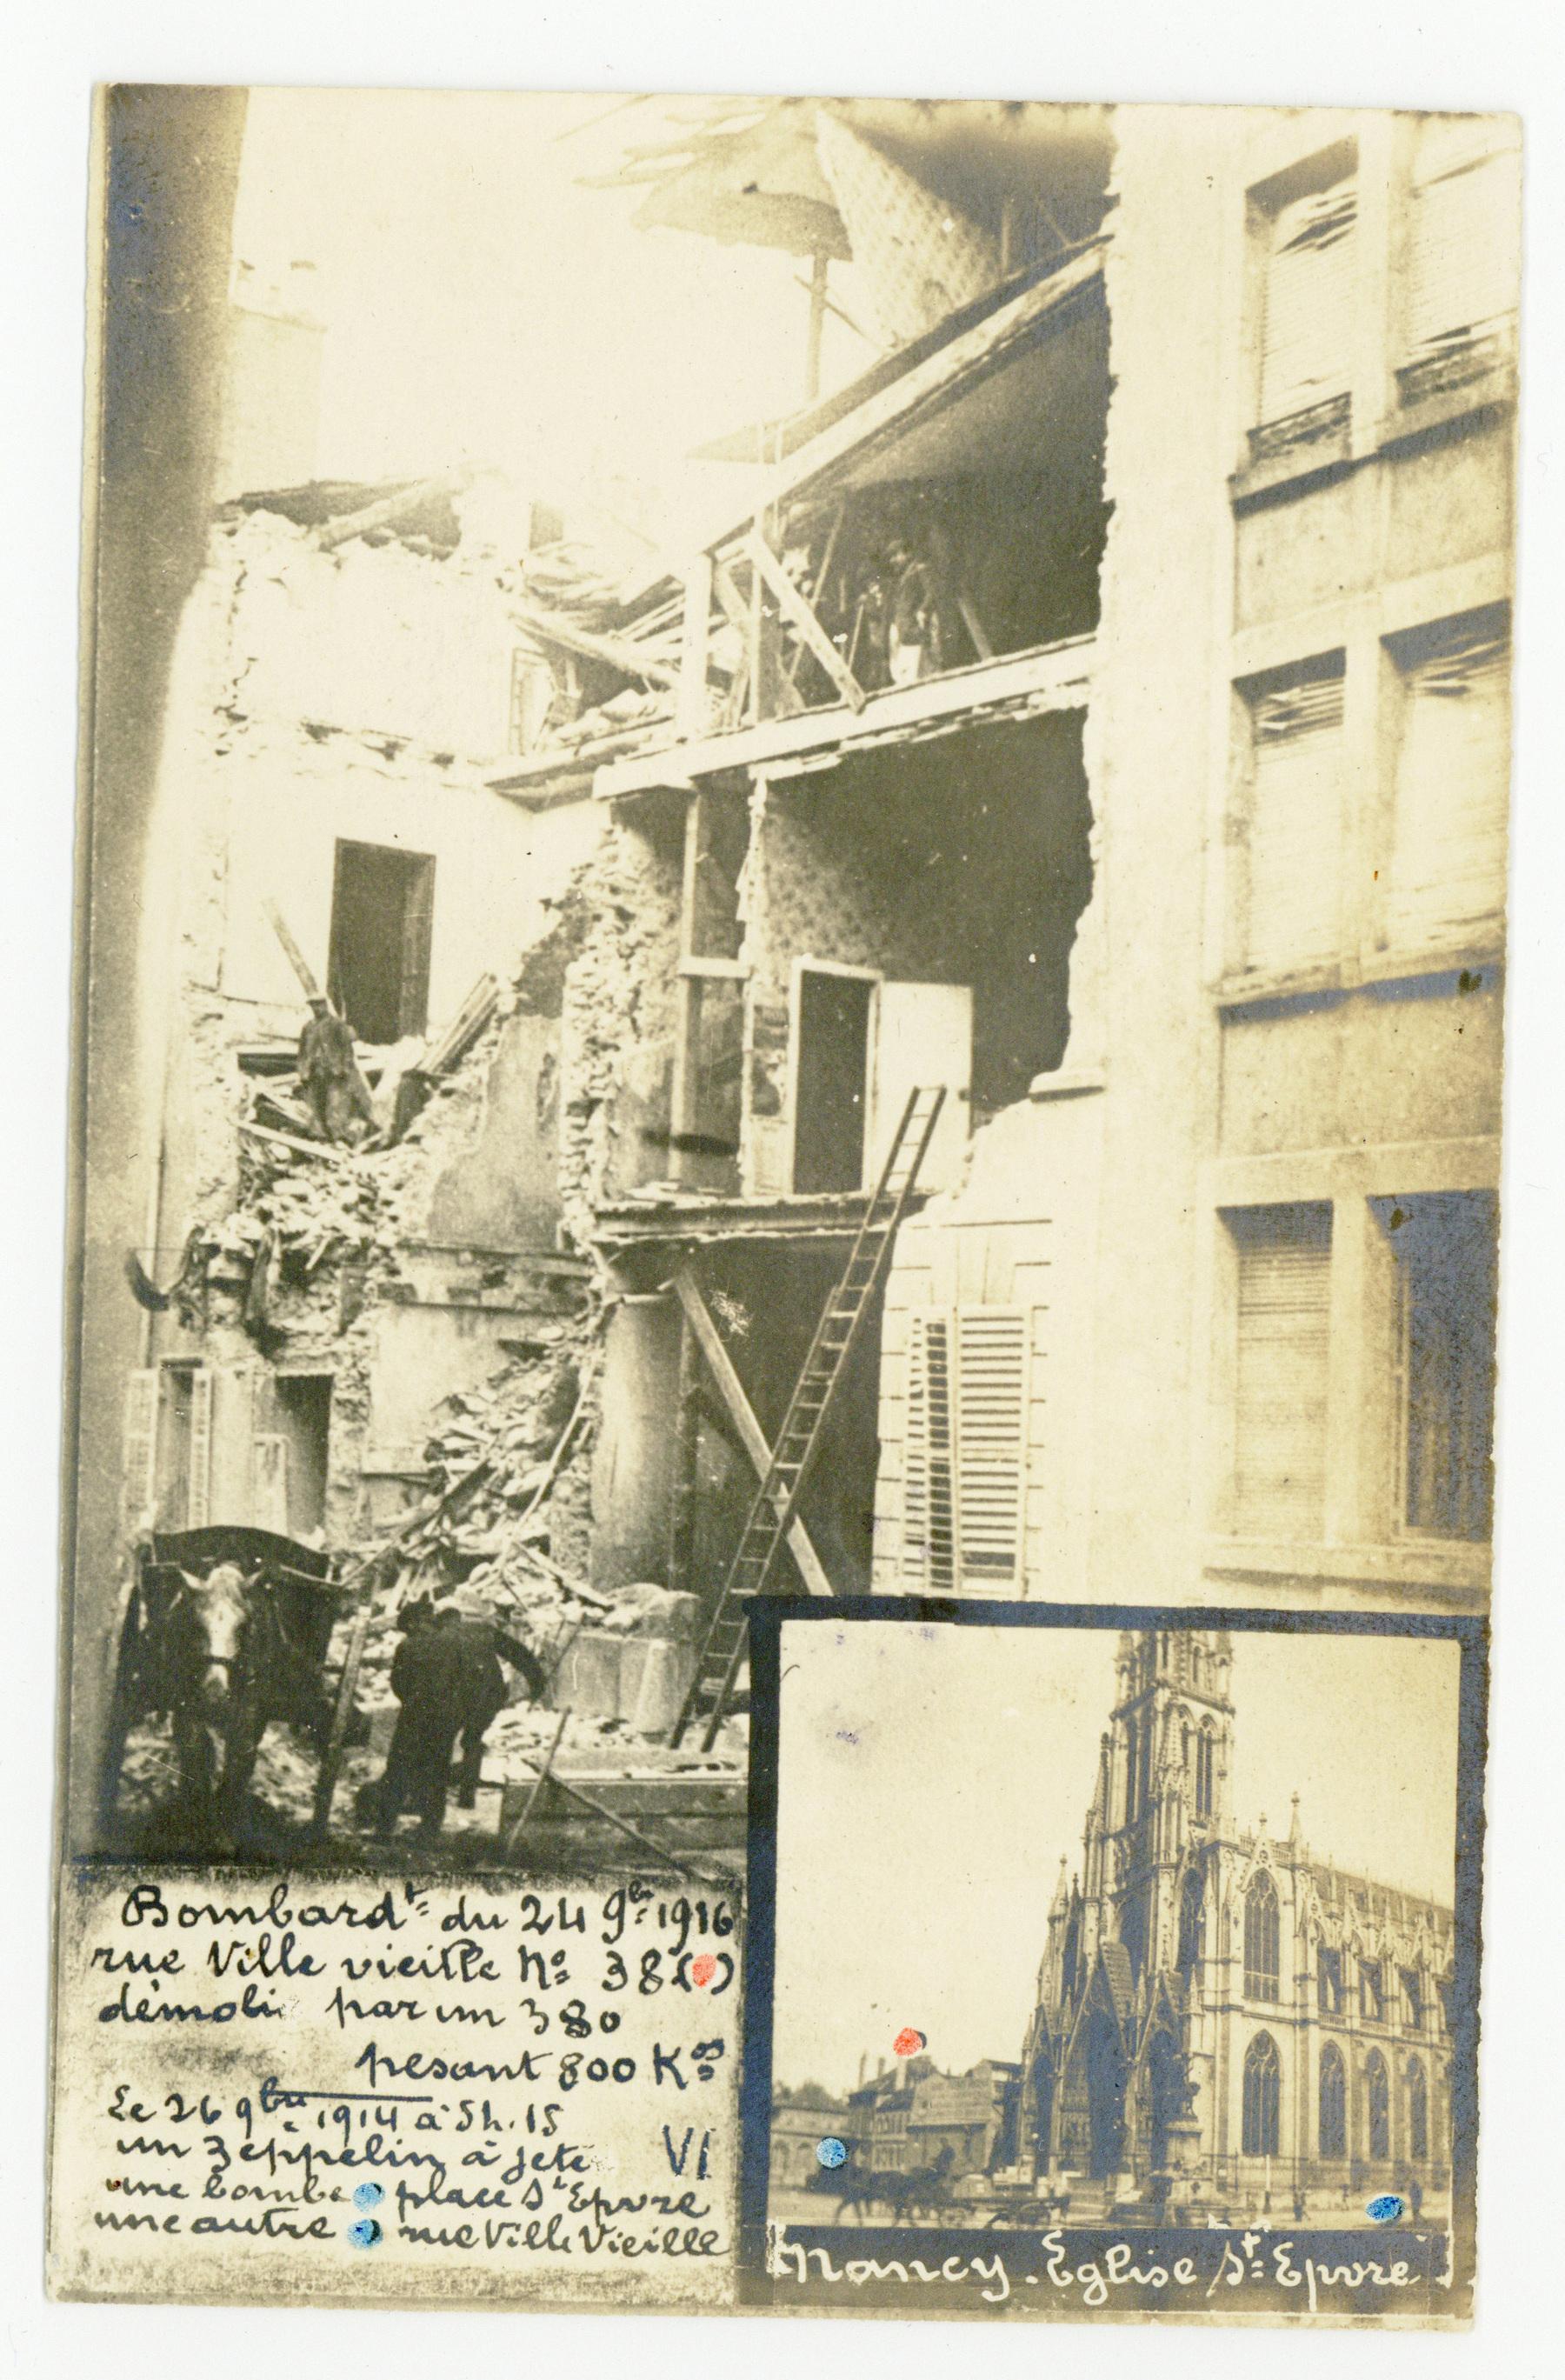 Contenu du Bombardements des mois de septembre 1914 et 1916, quartier St-Epvre.